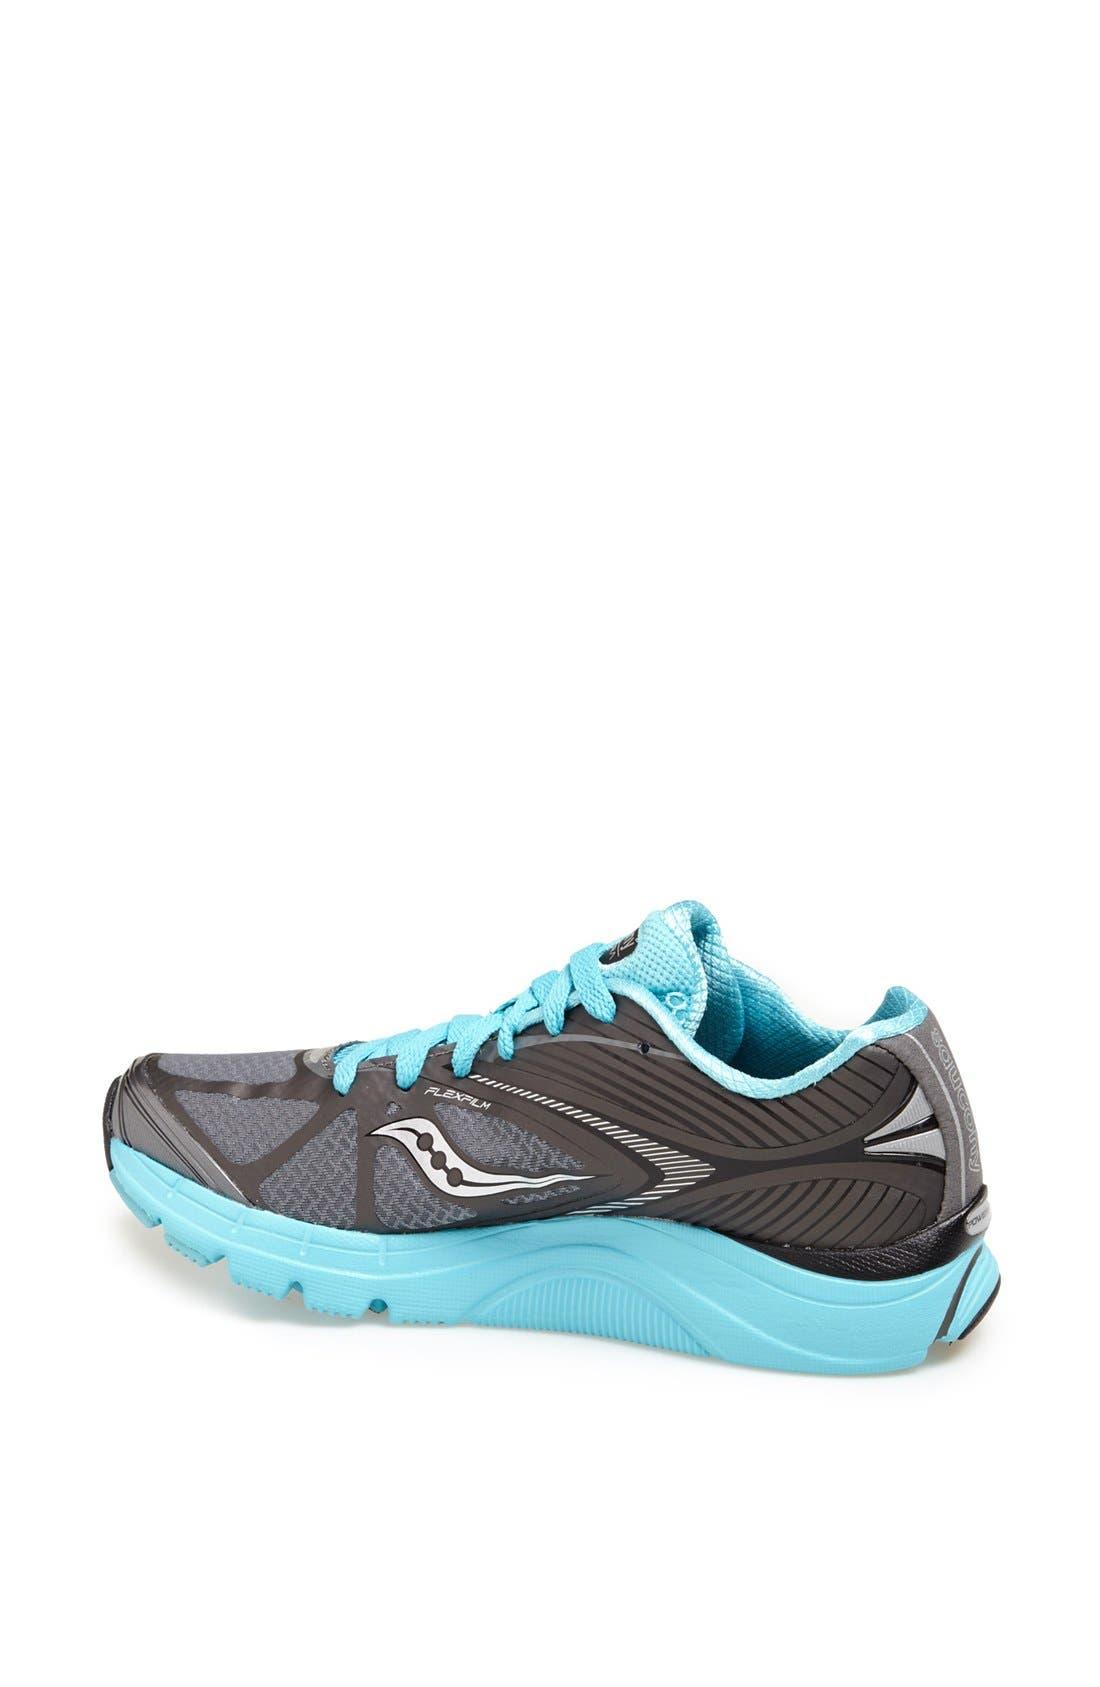 Alternate Image 2  - Saucony 'Kinvara 4' Running Shoe (Women)